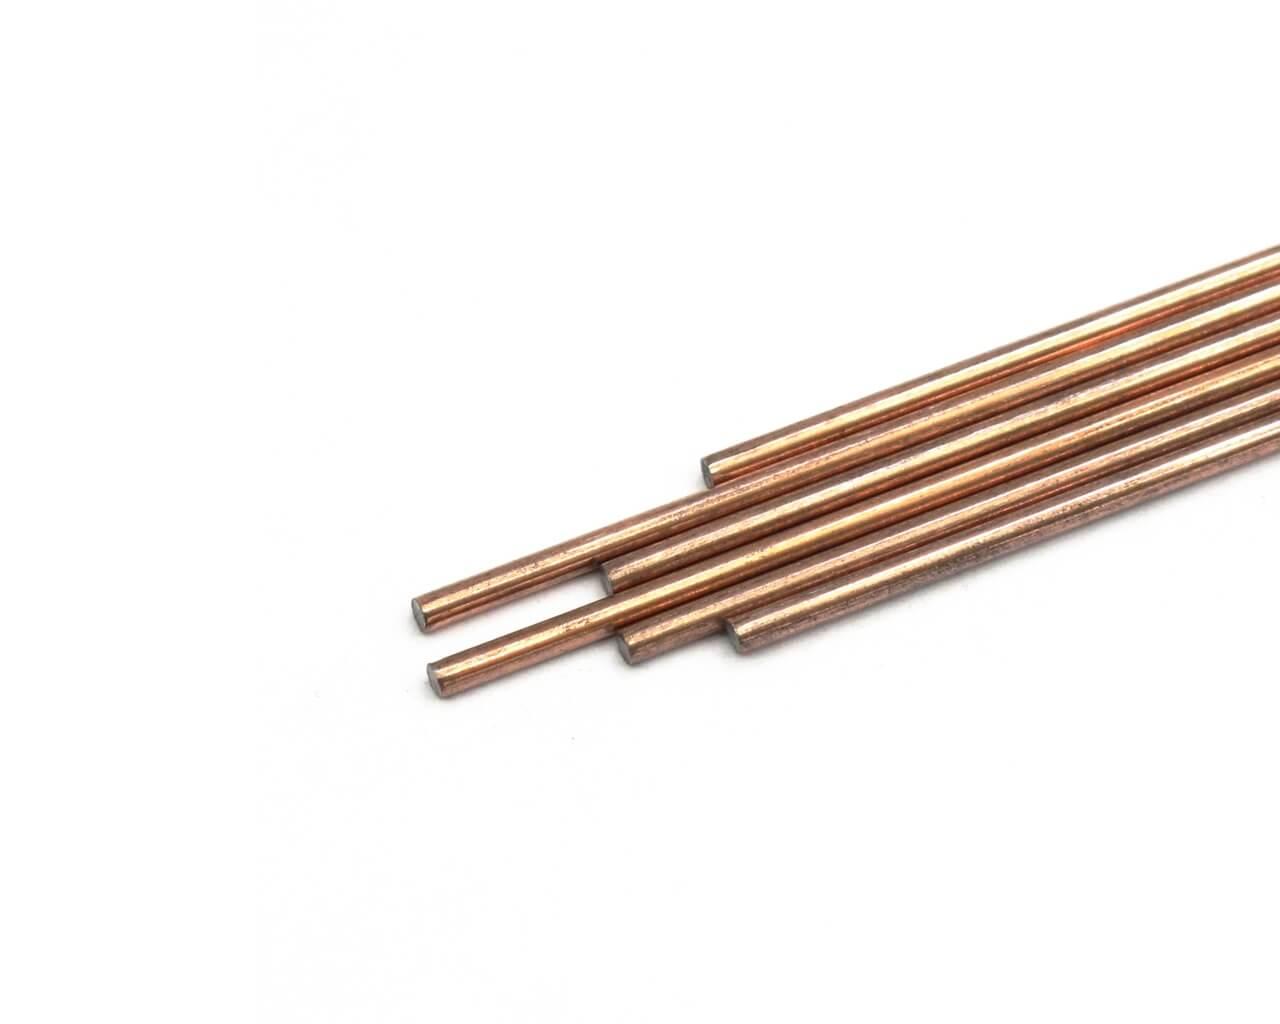 WIG-Schweißstäbe 1.5125 SG 2 1.6x1000mm / 2.5kg-Pack